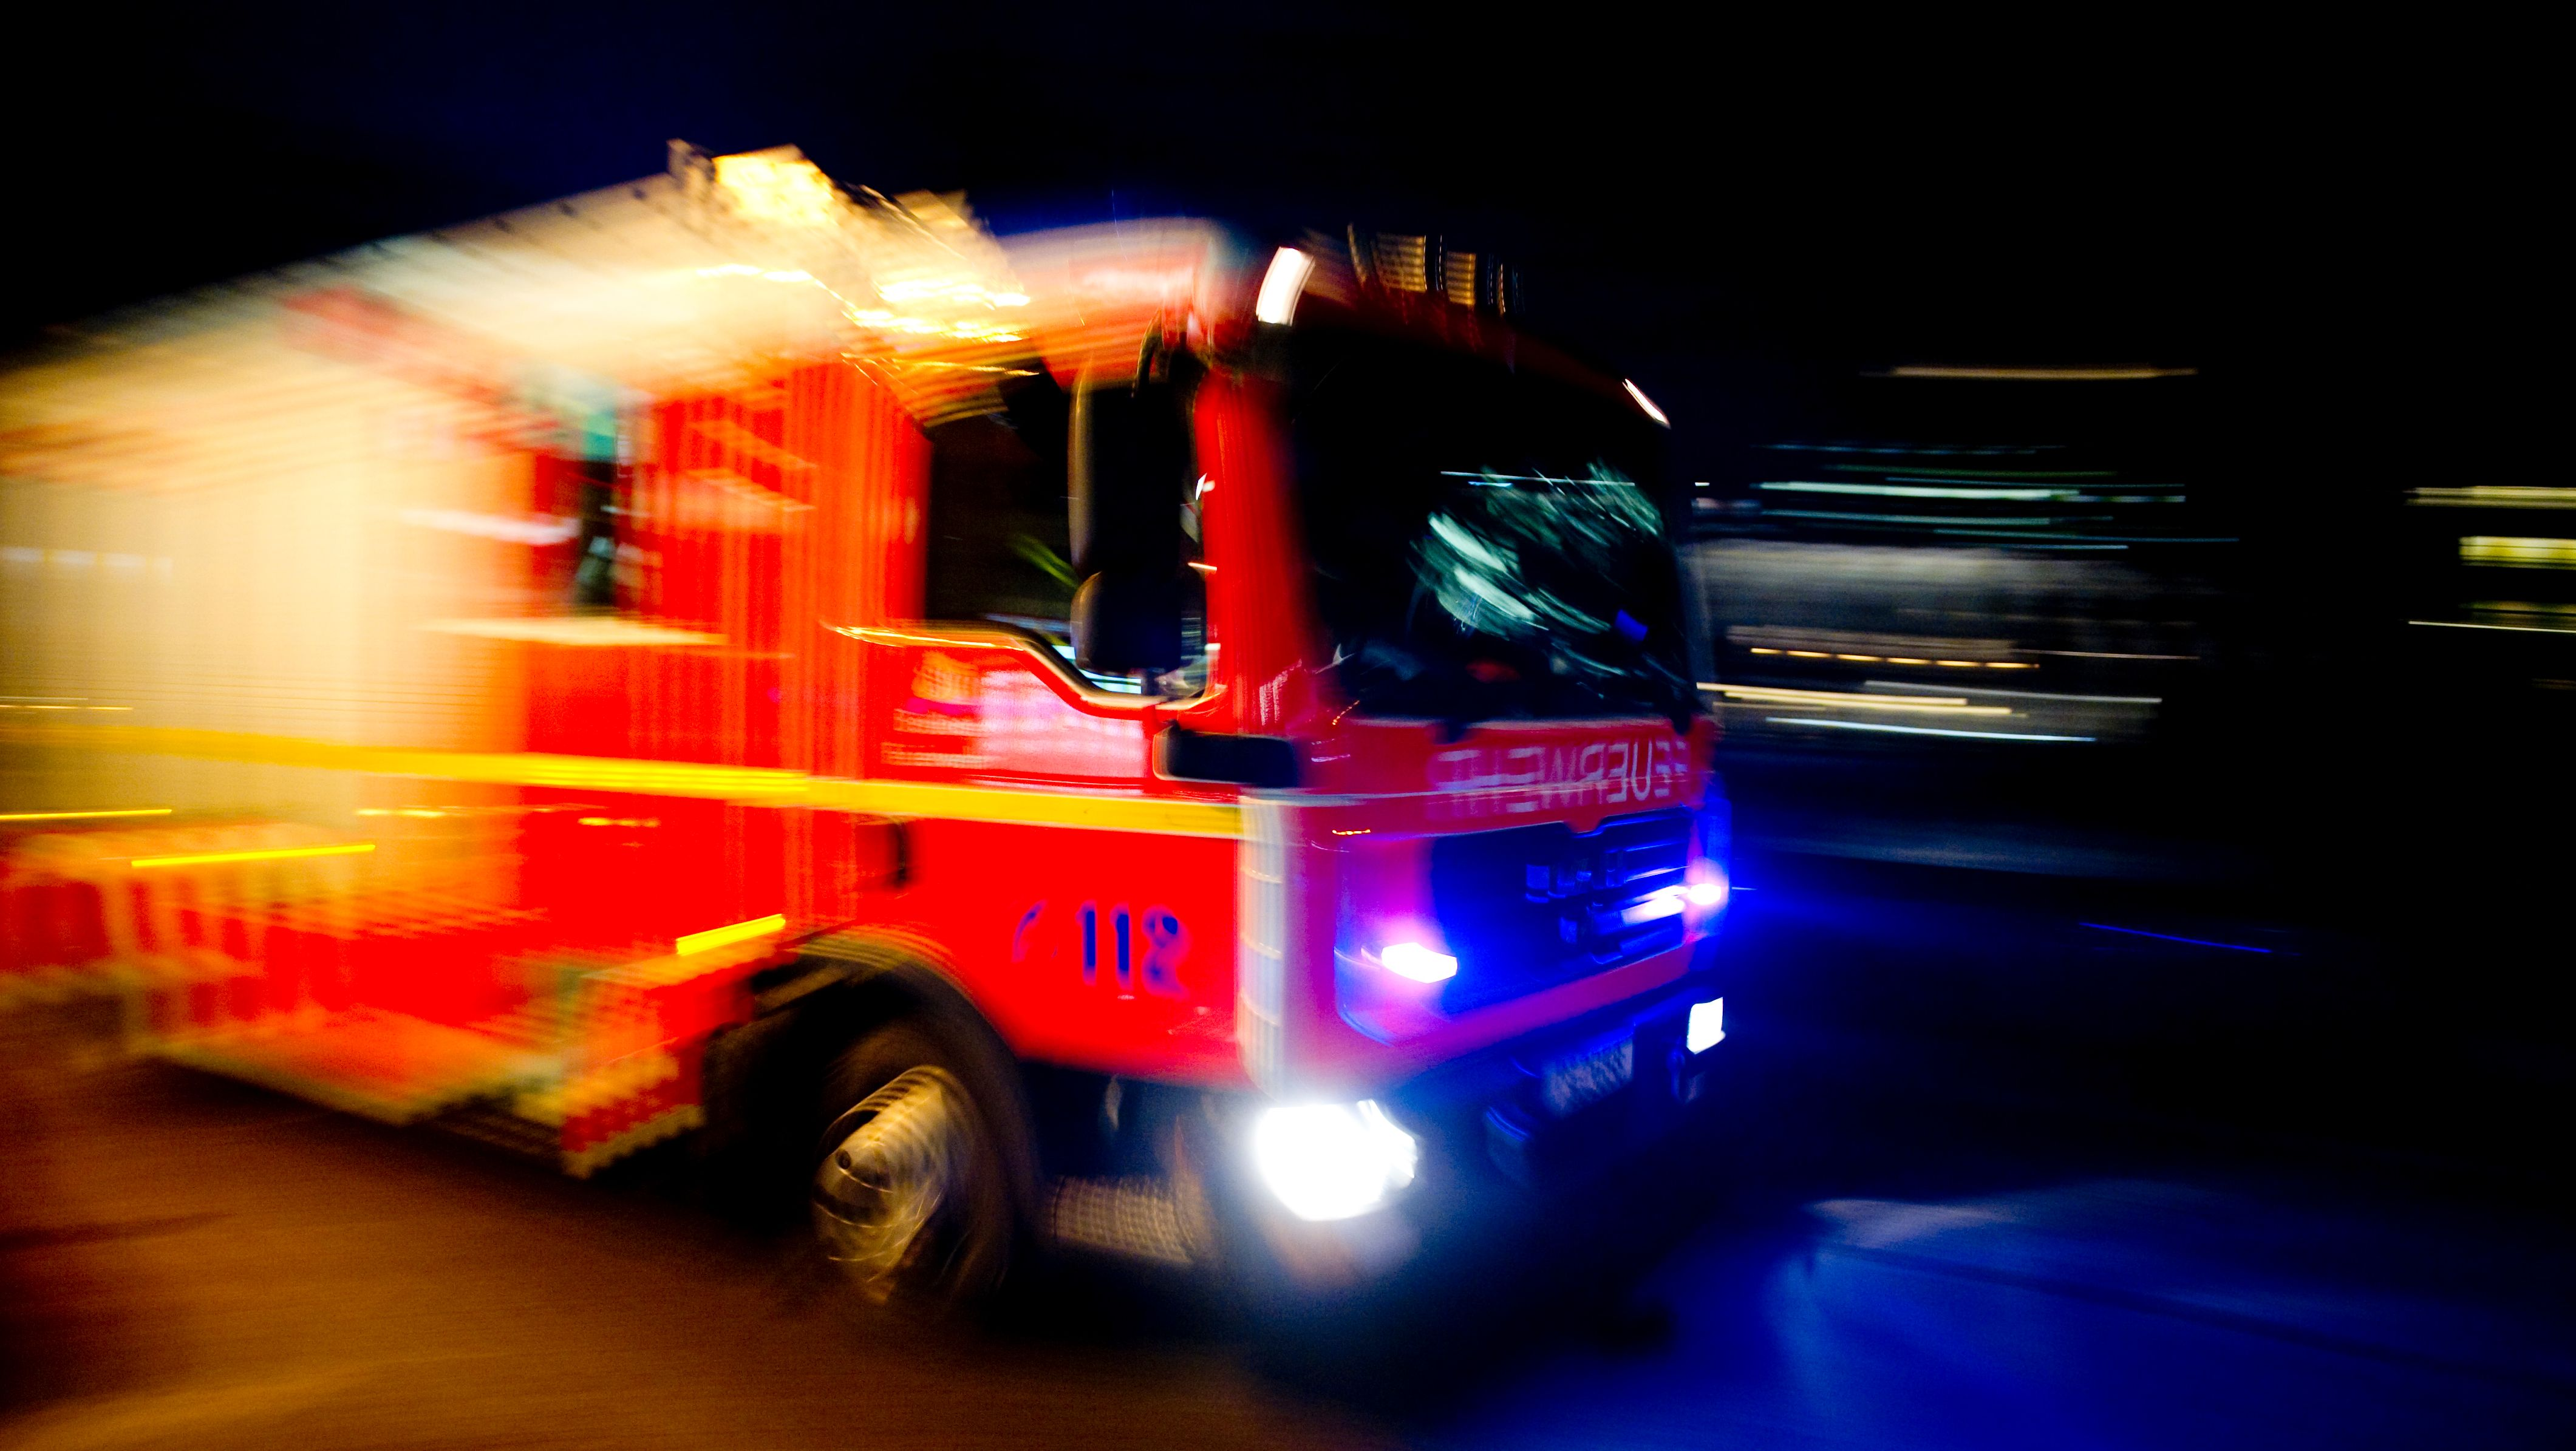 Feuerwehrfahrzeug bei nächtlichem Einsatz (Symbolbild)